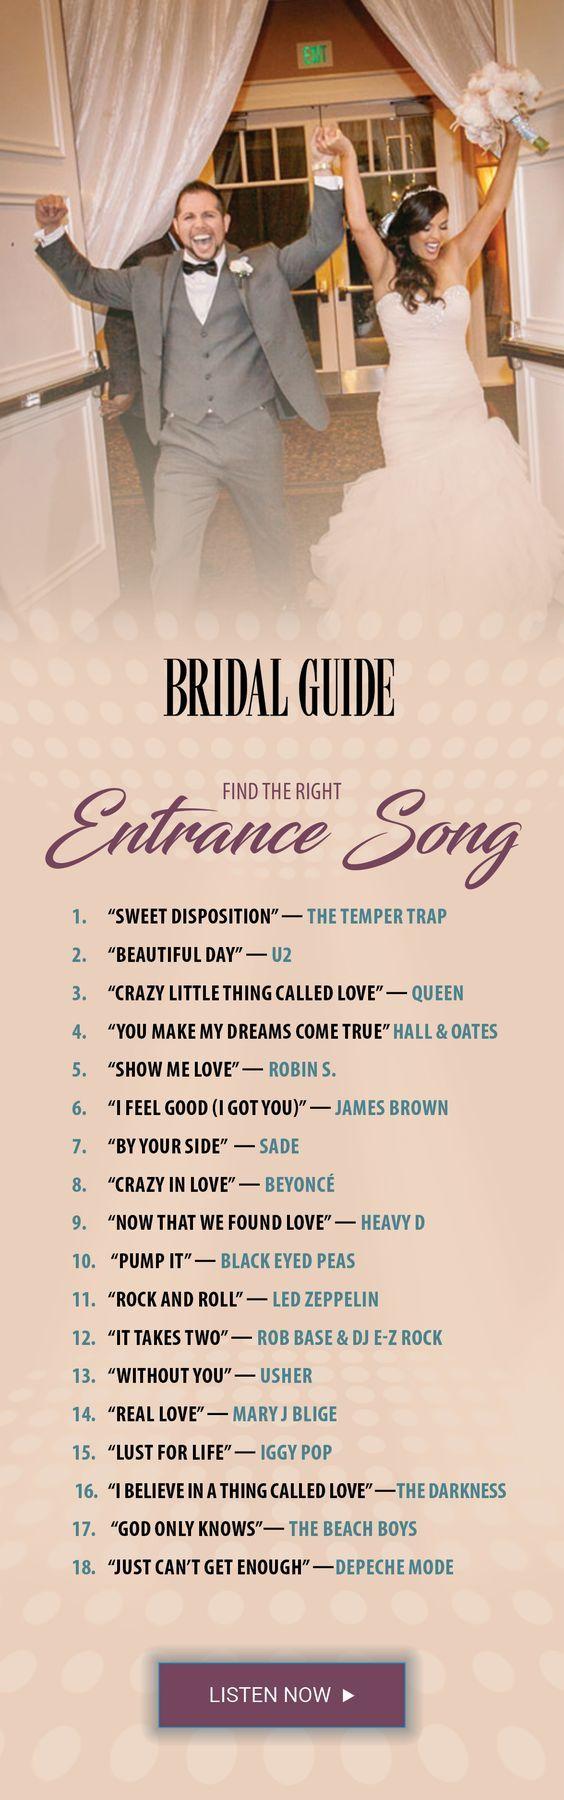 Wedding Ideas Blog in 2020 Wedding entrance songs